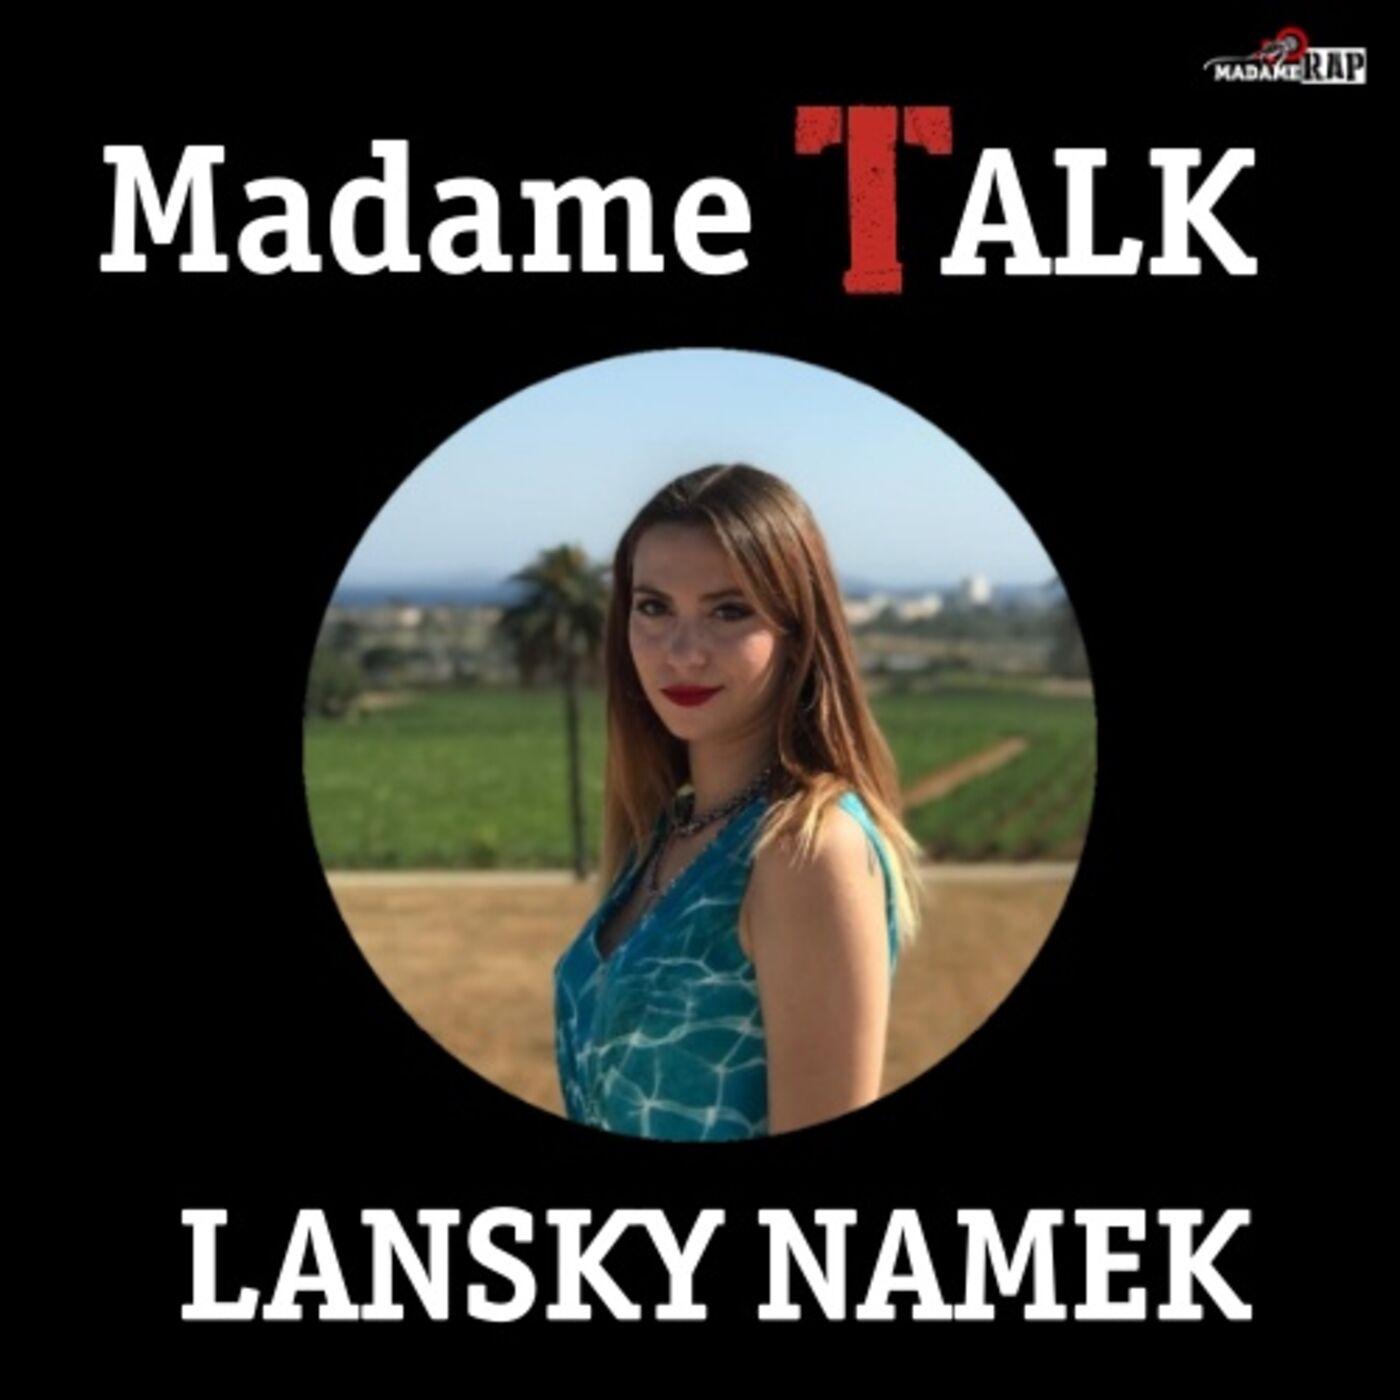 Madame Talk x Lansky Namek